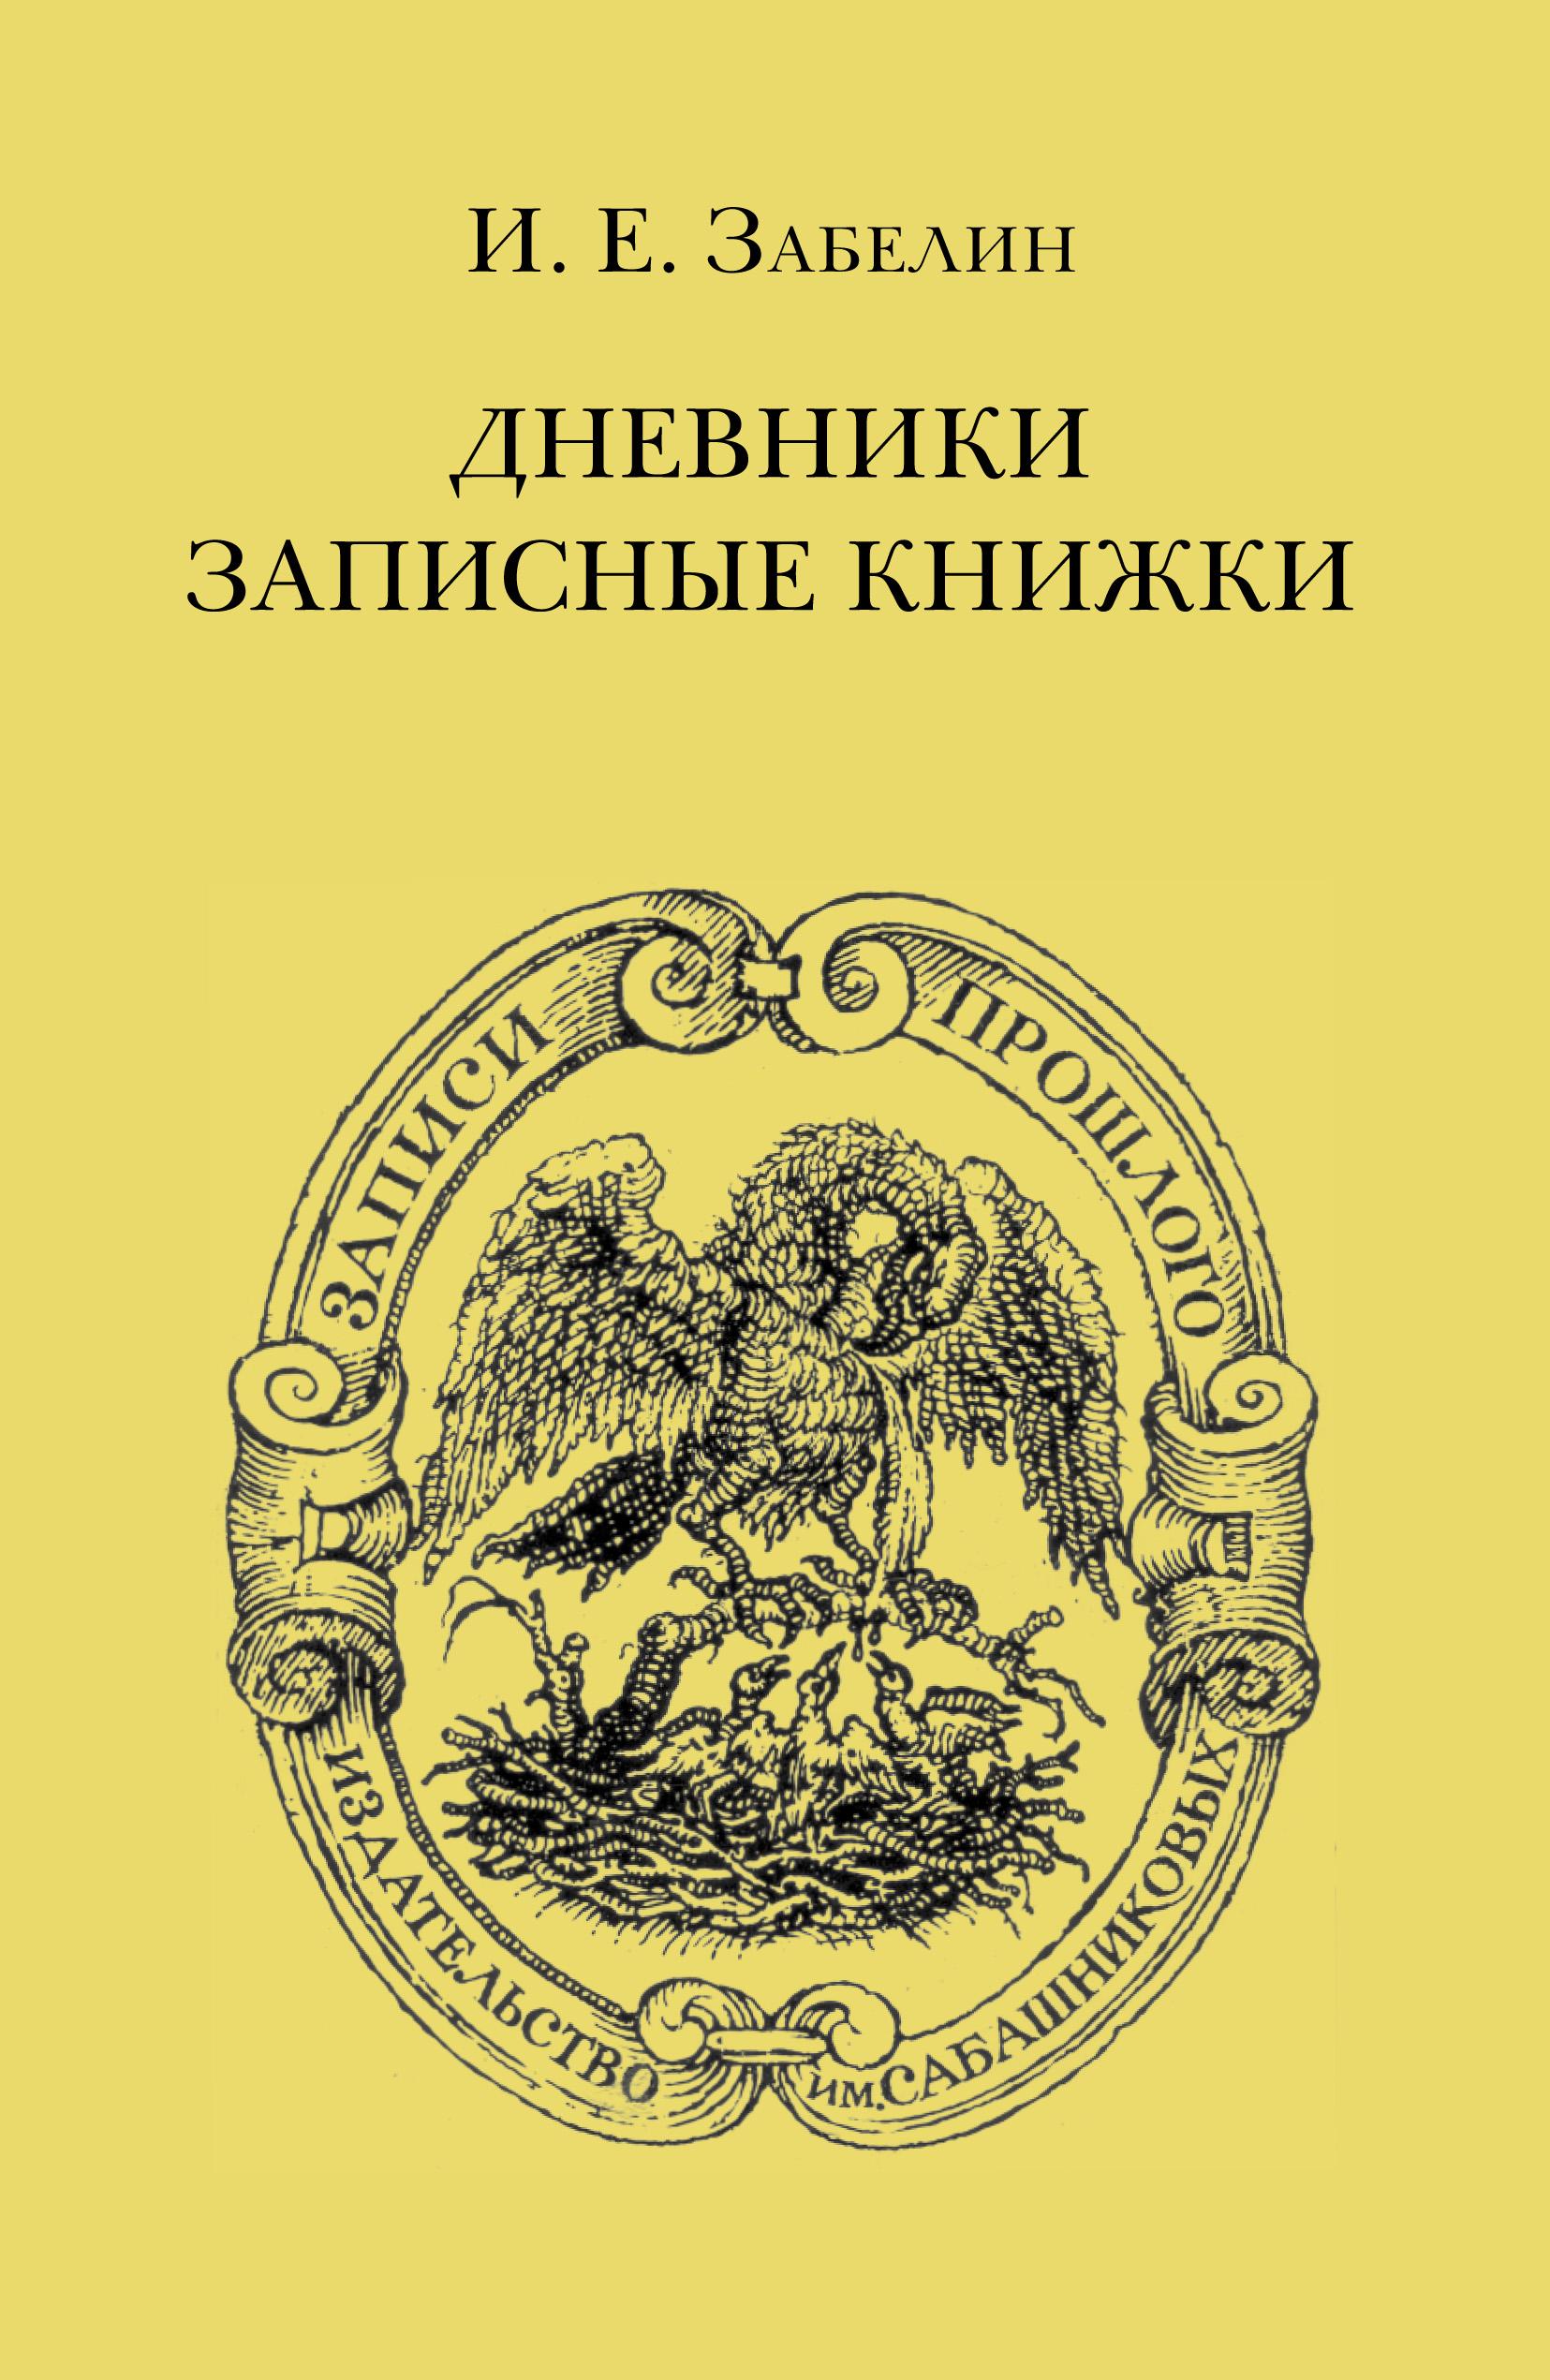 Дневники. Записные книжки